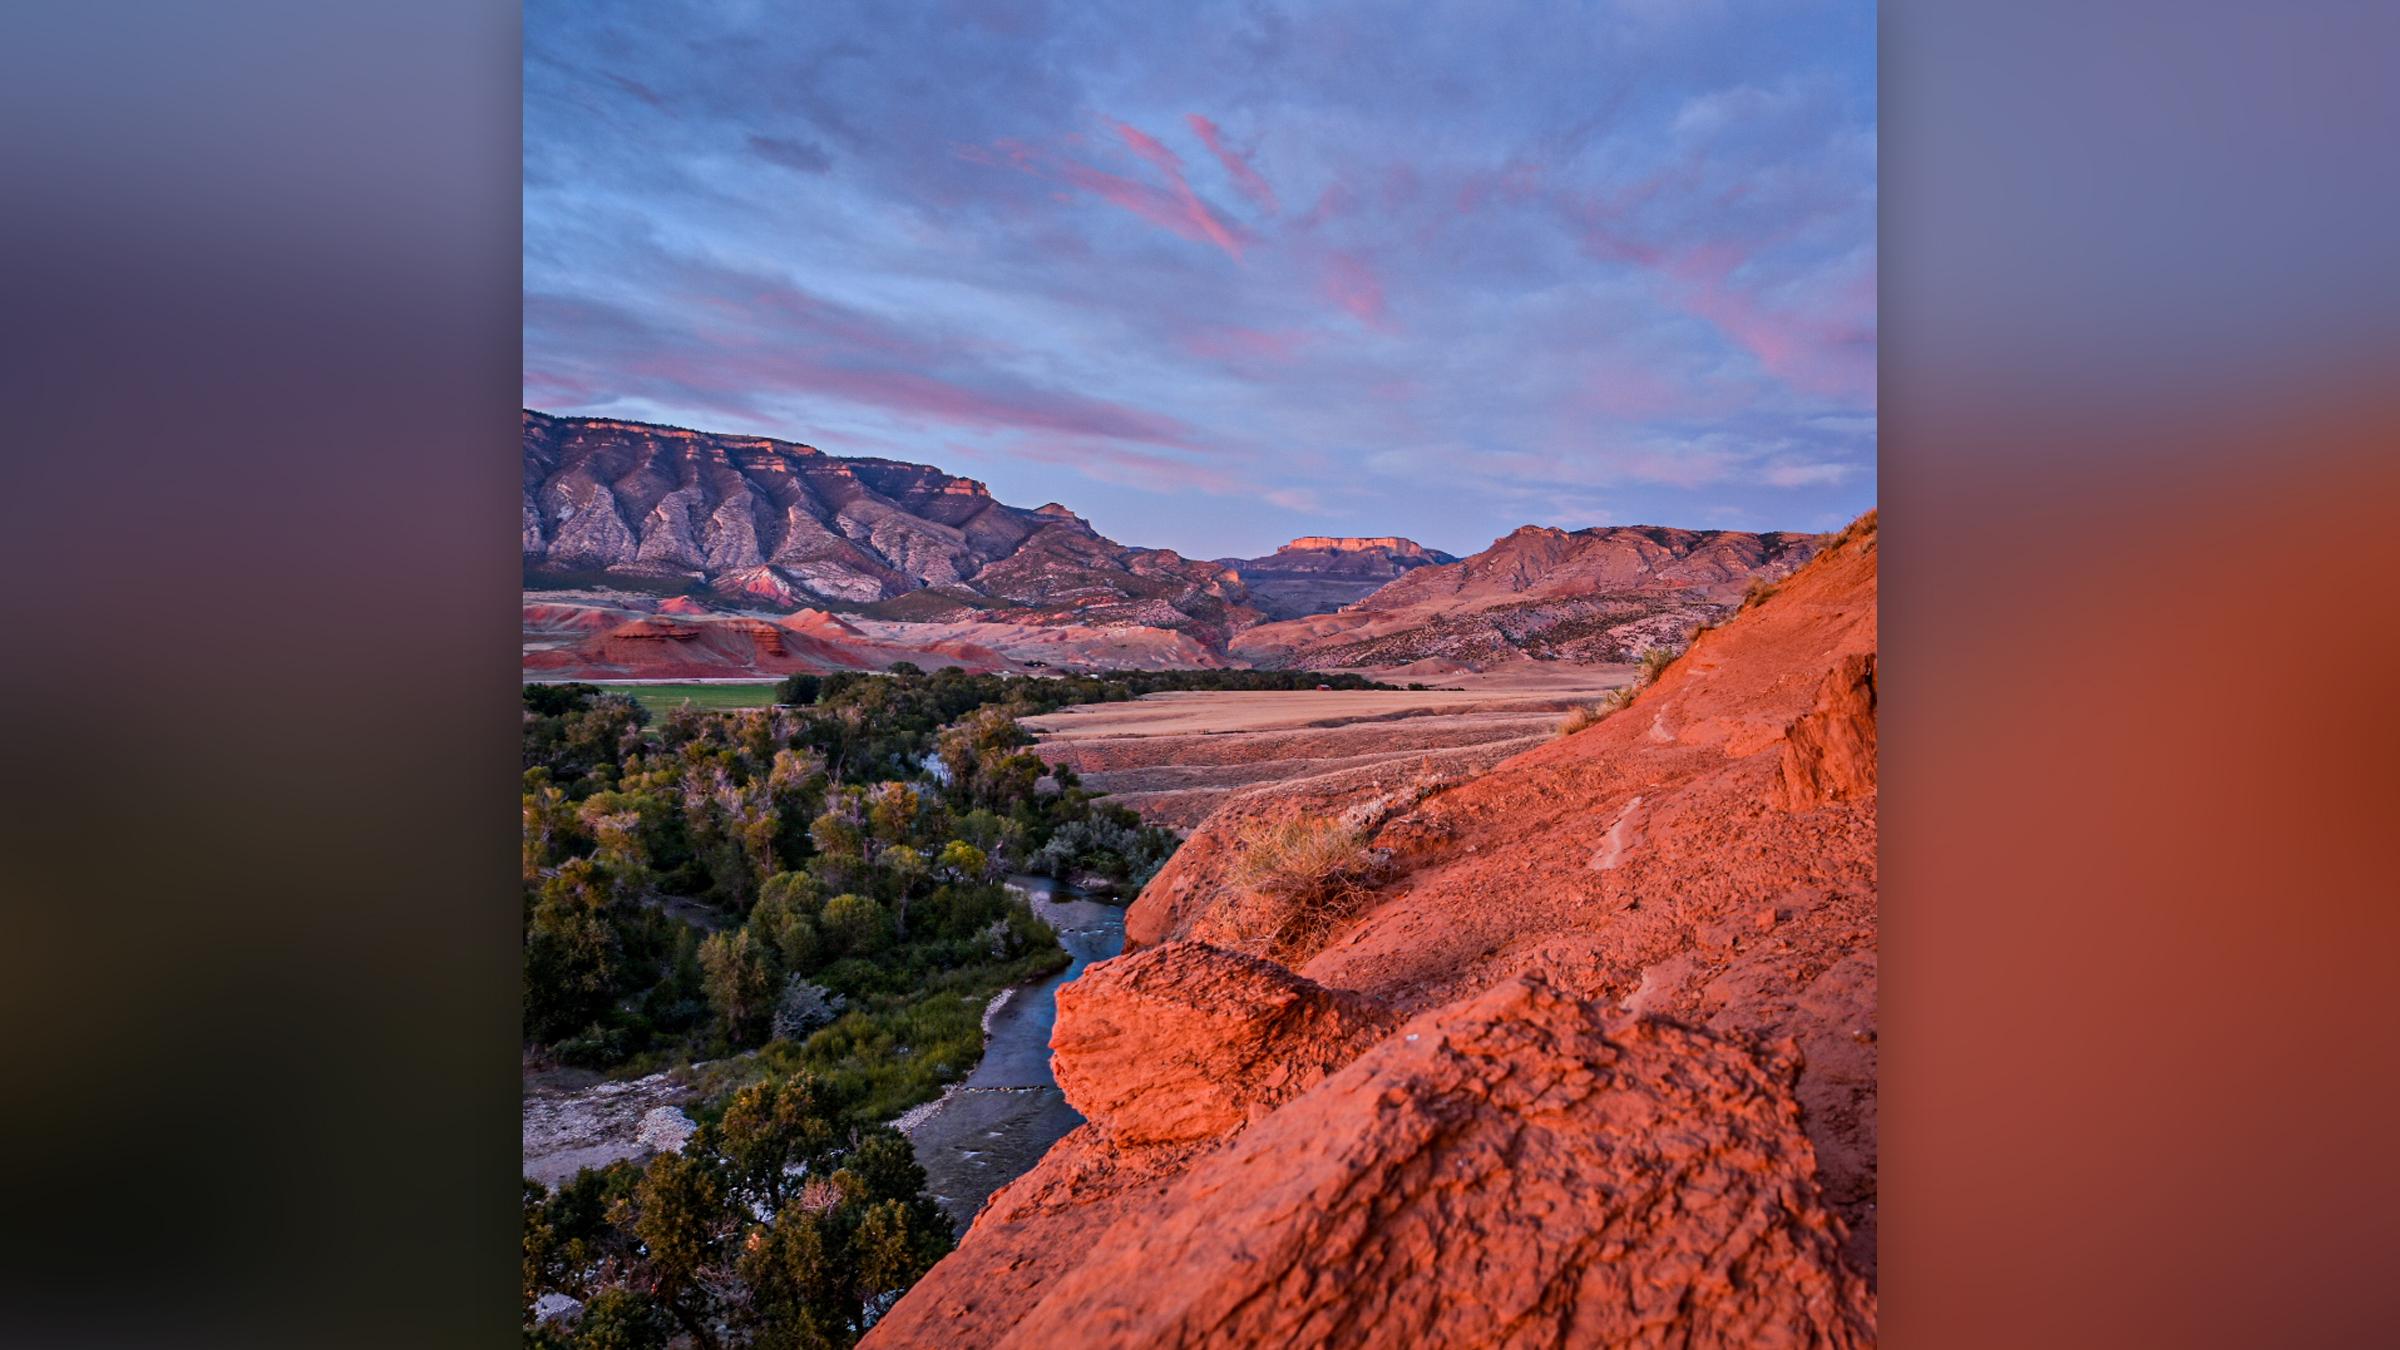 Une vue de la formation Morrison dans le Wyoming, où les chercheurs ont trouvé des centaines de dinosaures